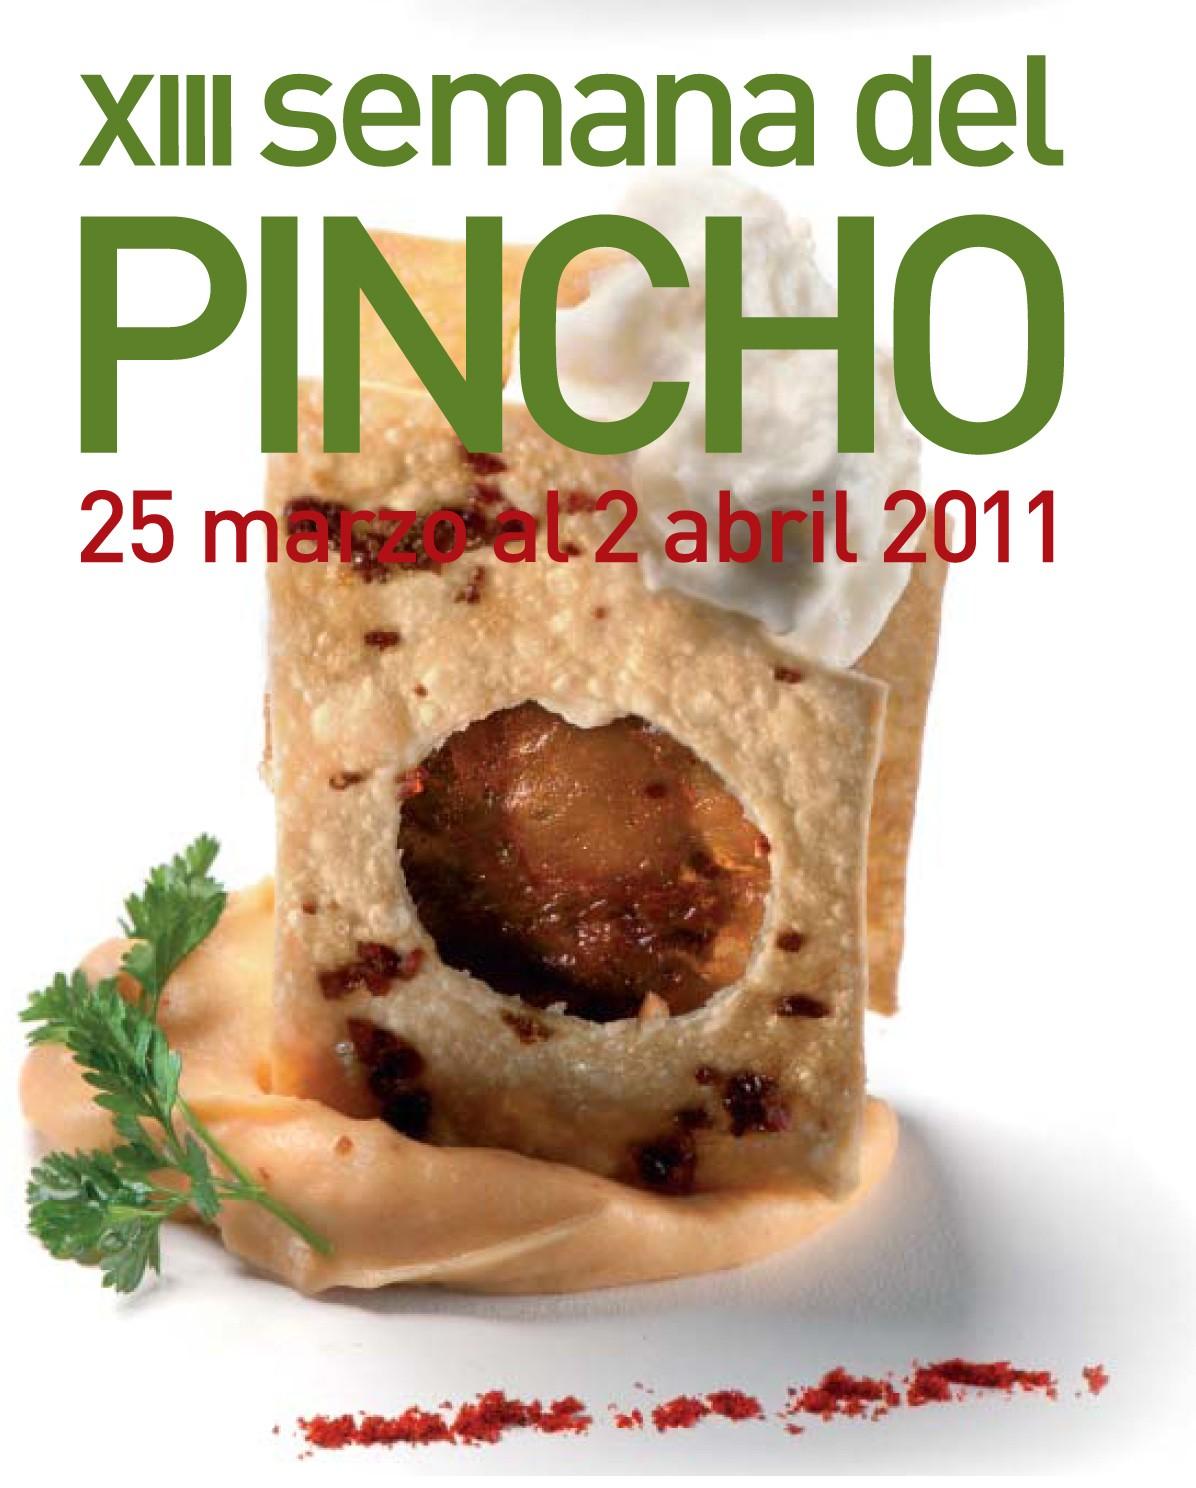 Semana del Pincho de Navarra